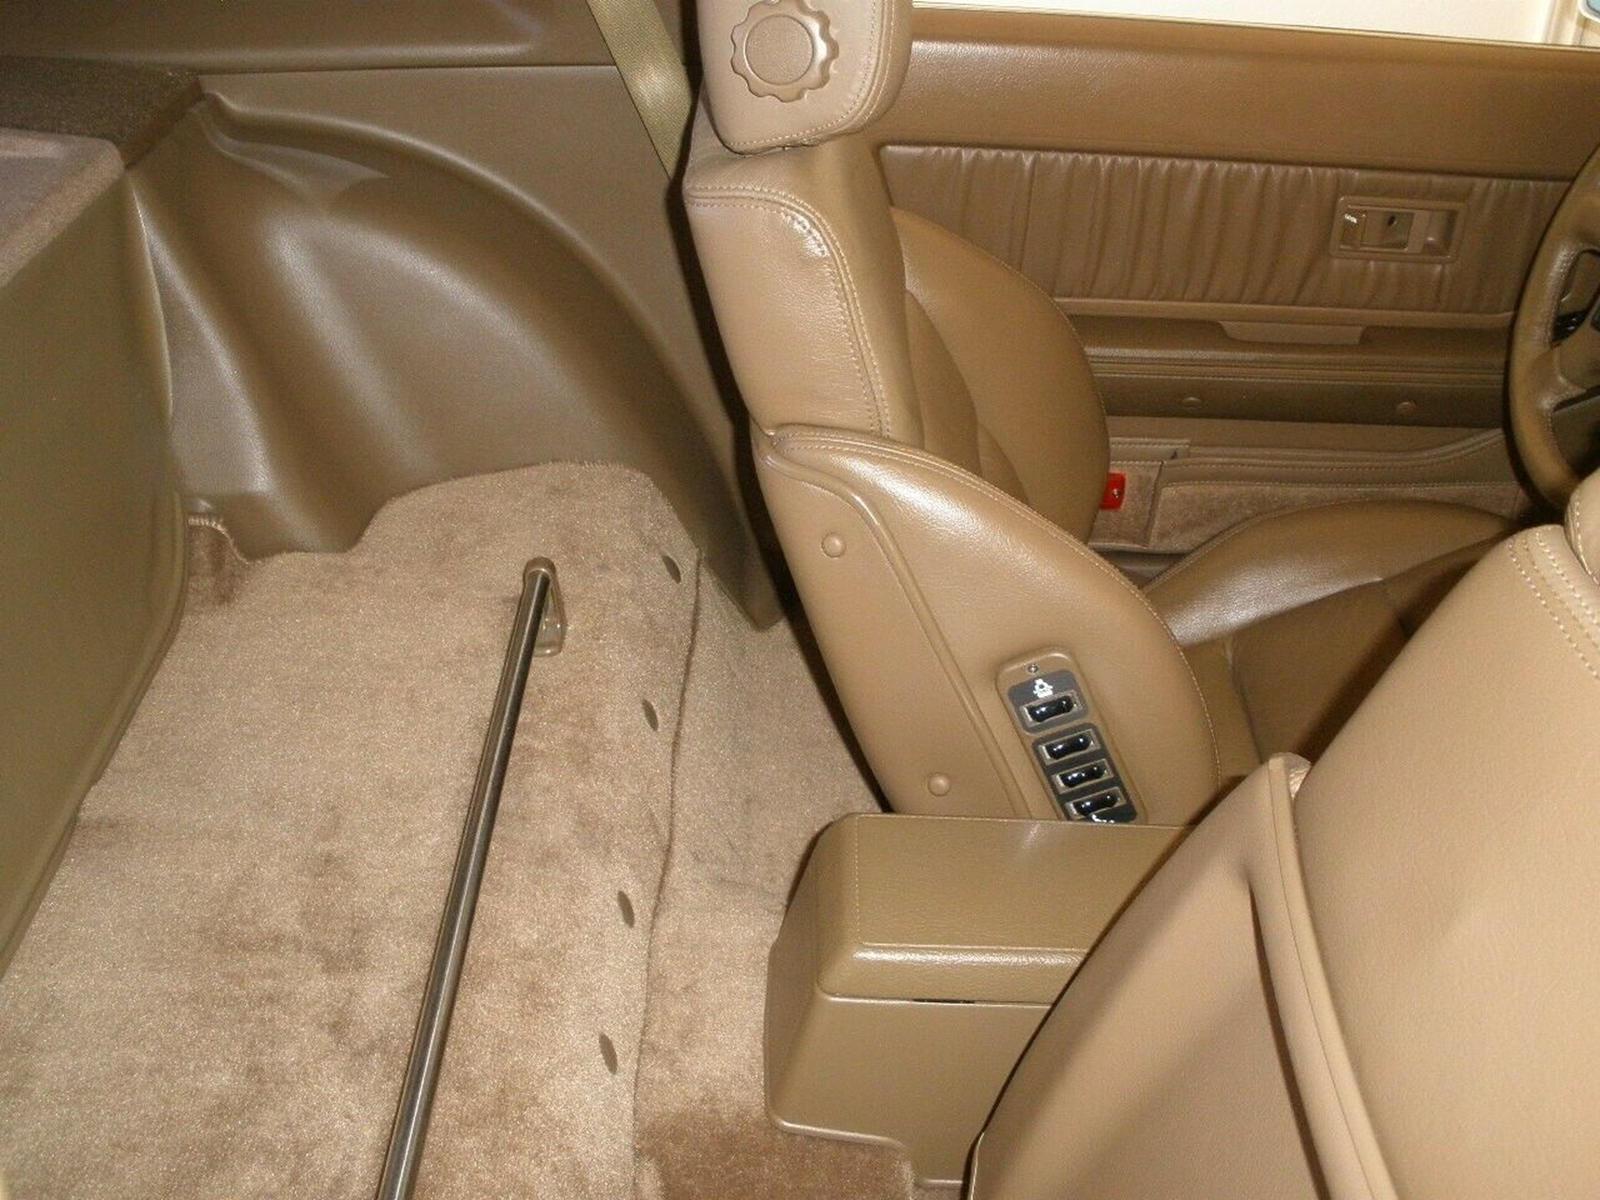 Поклонники семейства Nissan Z быстро расскажут вам о тюнинговом потенциале 350Z и нынешнего 370Z, а с приходом 400Z энтузиасты Nissan по-настоящему живут в золотом веке спортивной езды. Но недавнее объявление на eBay вызывает у всех нас ностальгию по